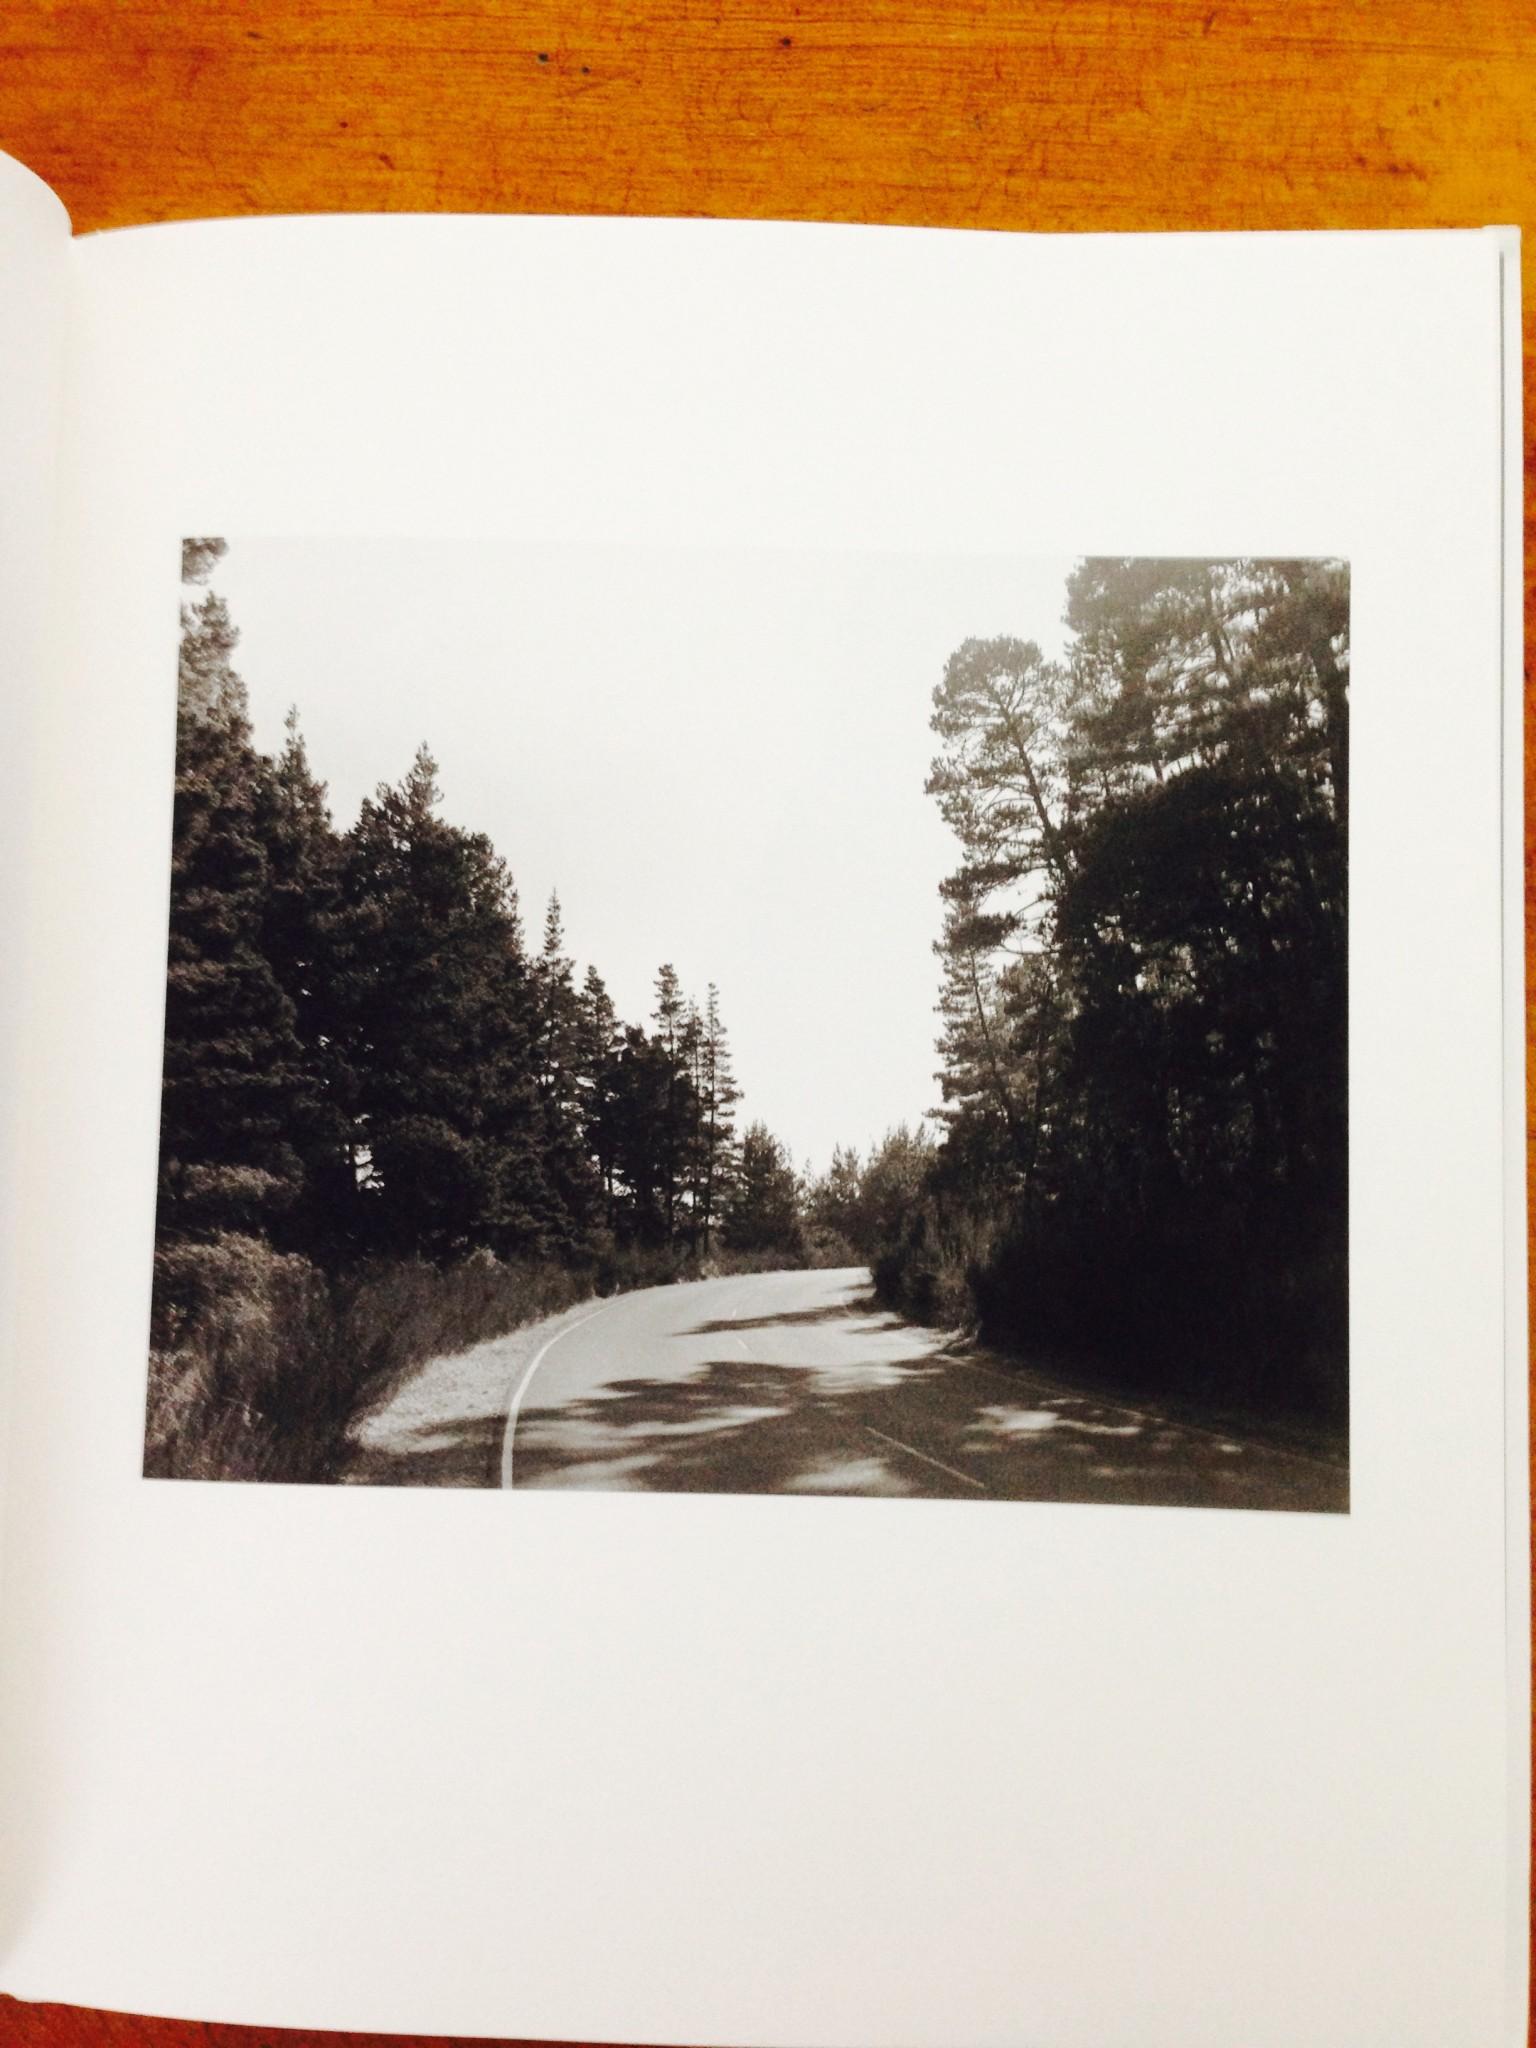 Robert Adams: A Road Through Shore Pine - Collector Daily